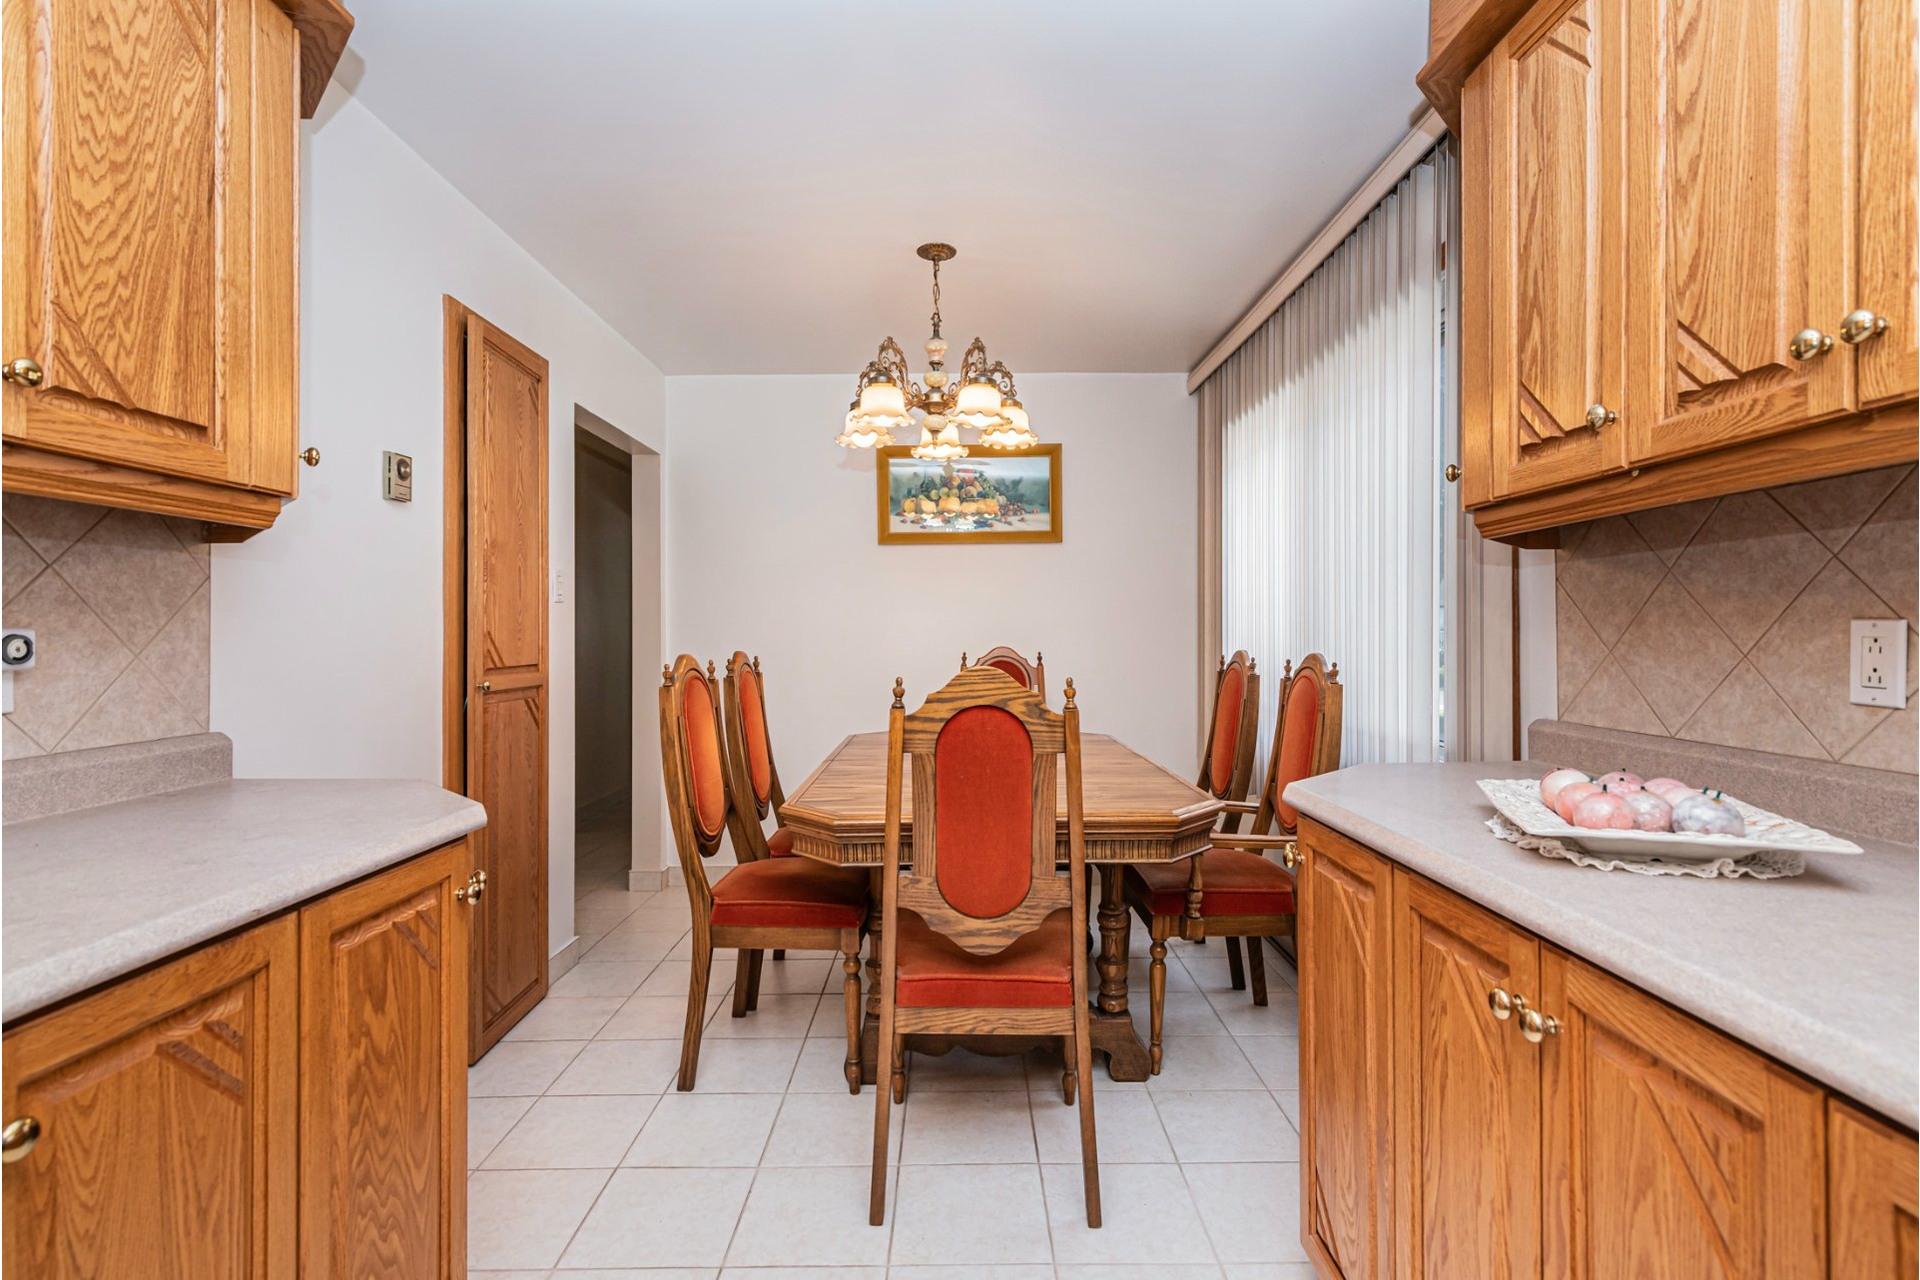 image 10 - Duplex For sale Saint-Léonard Montréal  - 9 rooms